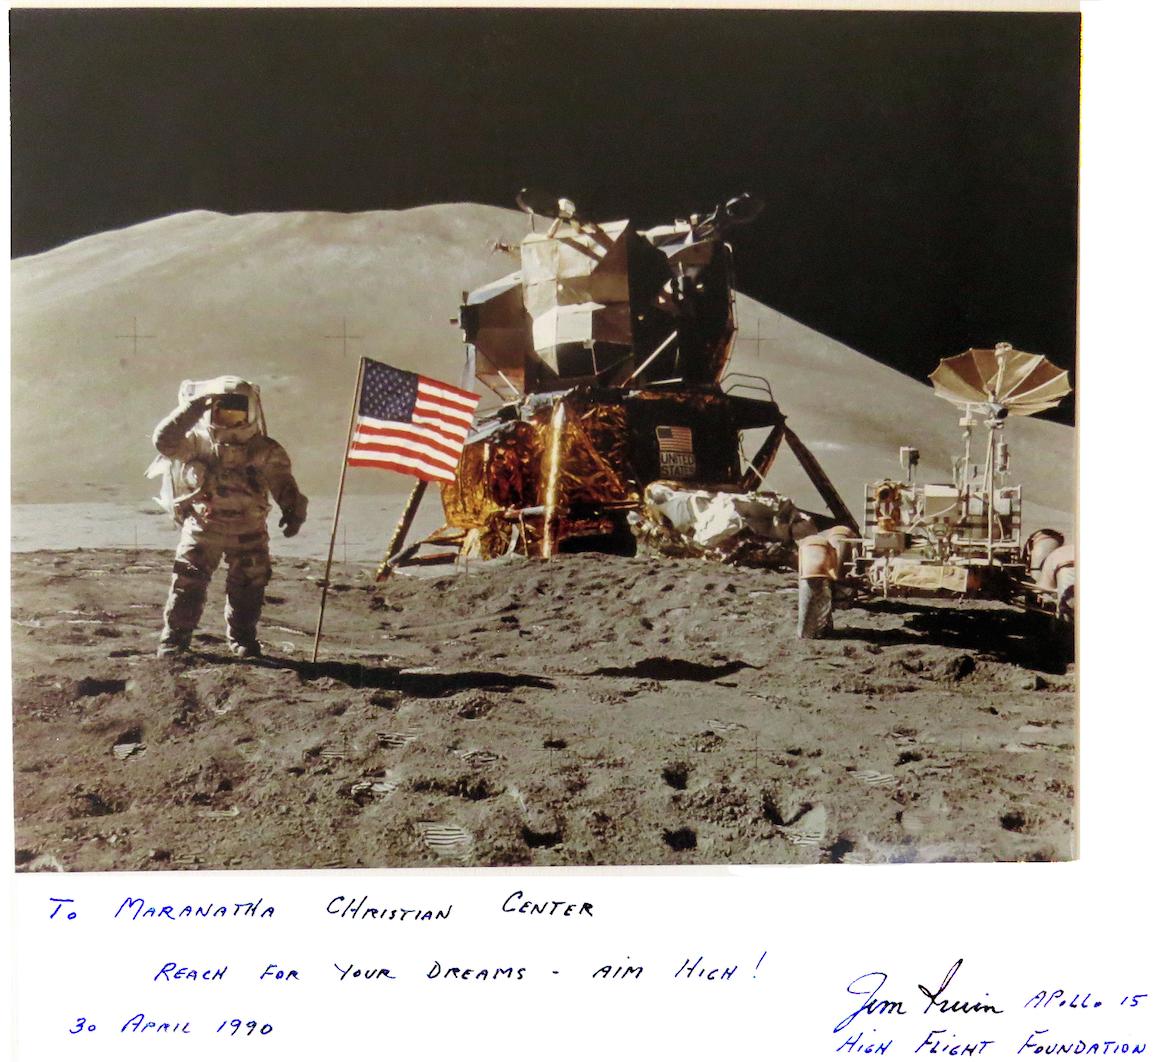 Rerun- RSR: Moon Landing Conspiracy Hoax Rebutted